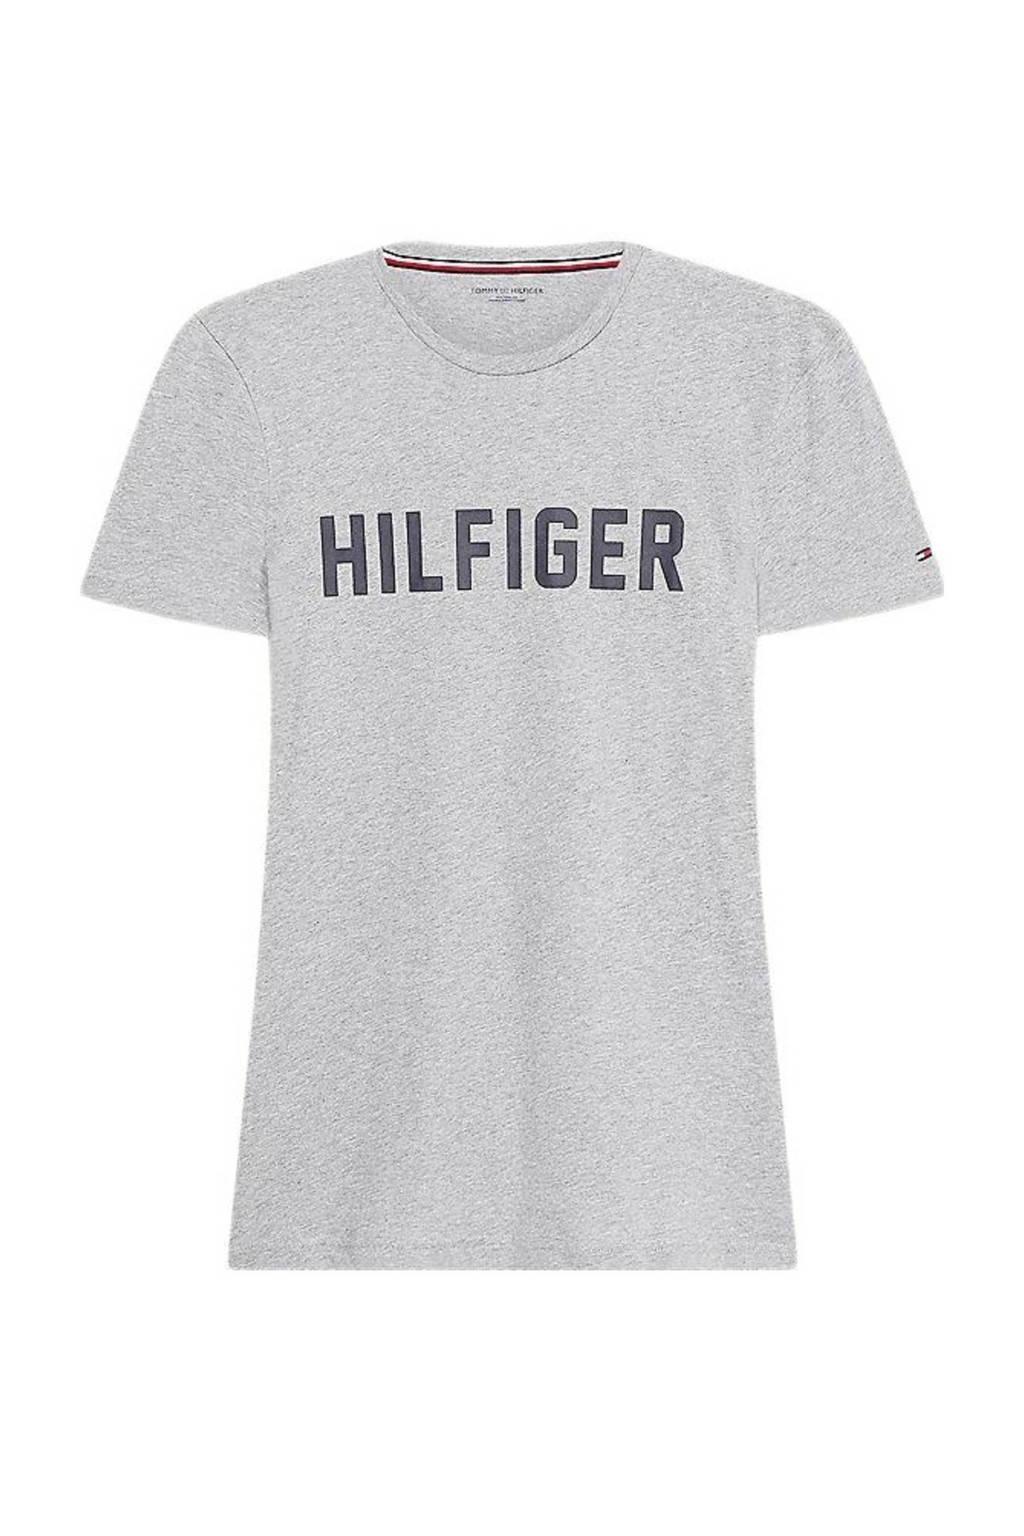 Tommy Hilfiger T-shirt grijs, Grijs